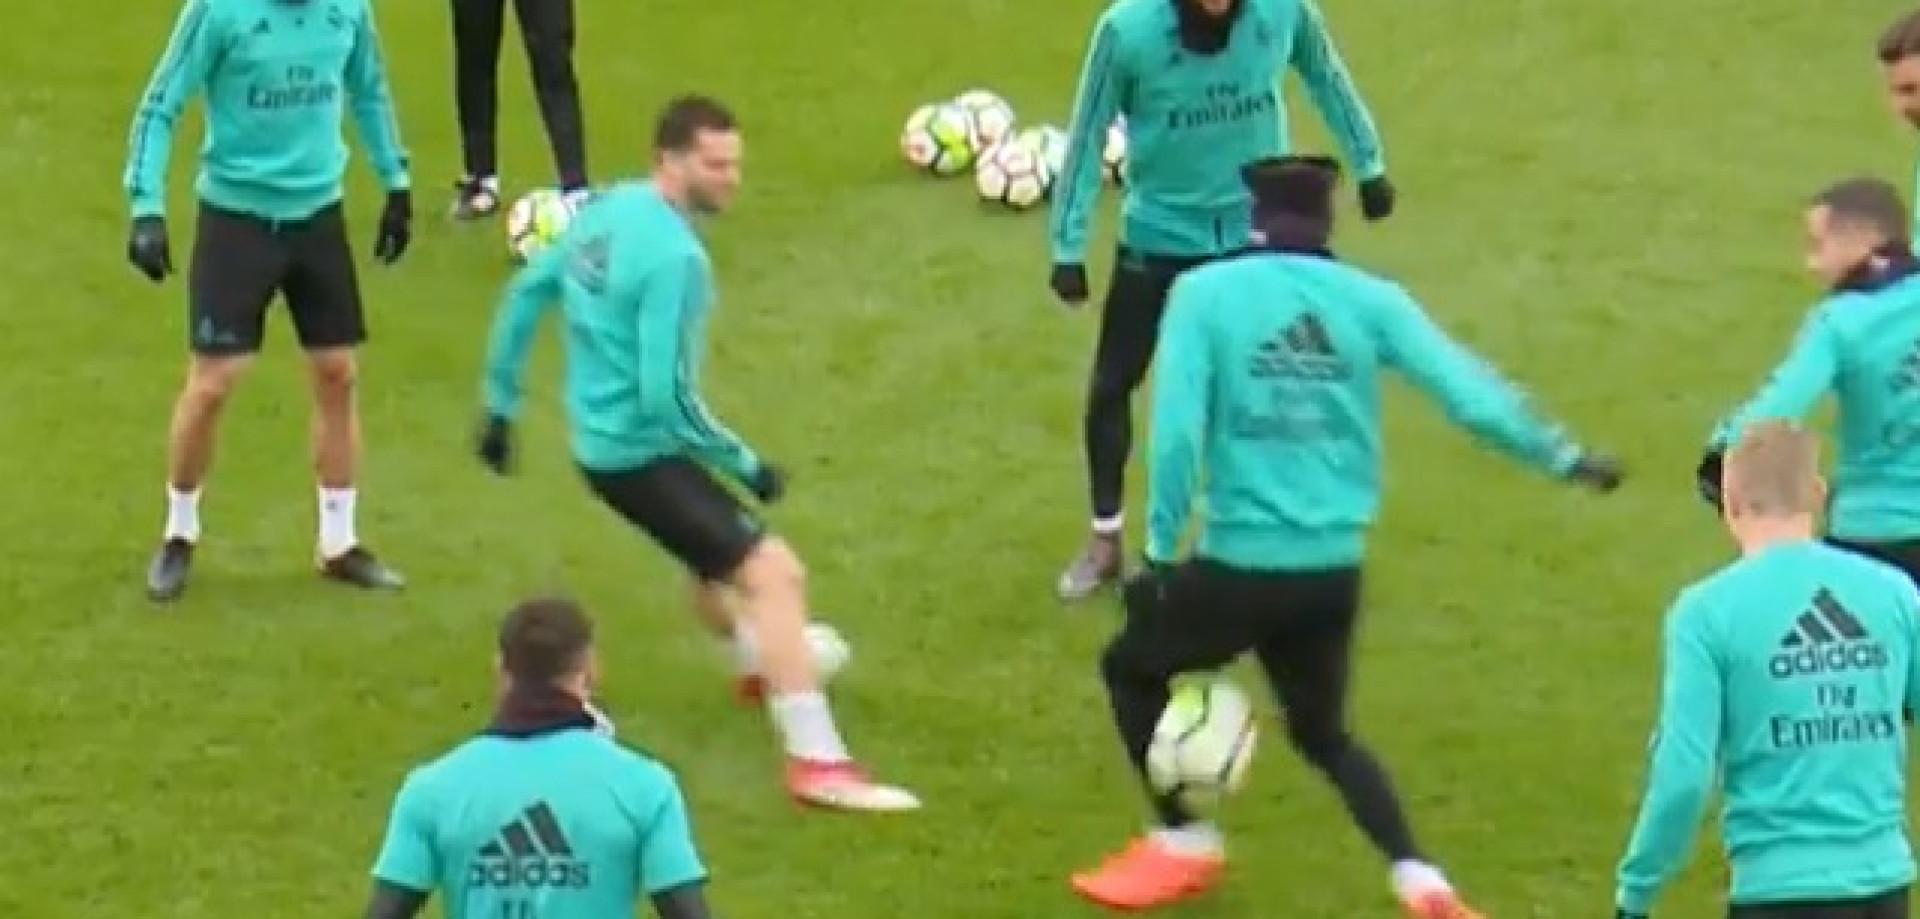 Theo é a nova 'vítima' no treino do Real Madrid